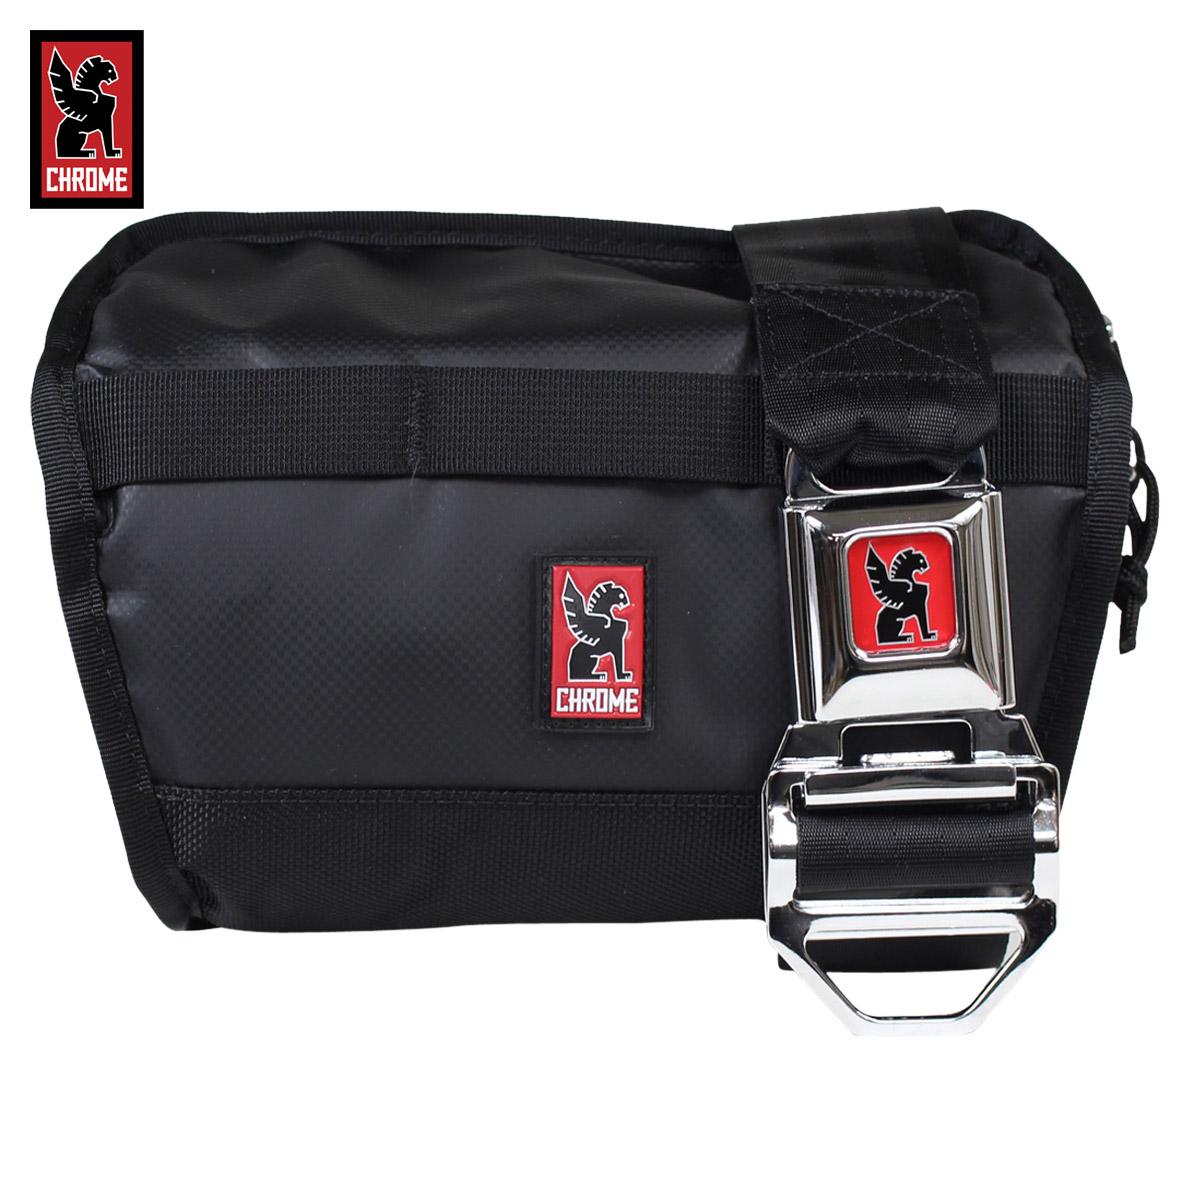 Chrome Shoulder Bag Bags Camera Bg 154 Niko Sling Mens Las 11 29 New In Stock